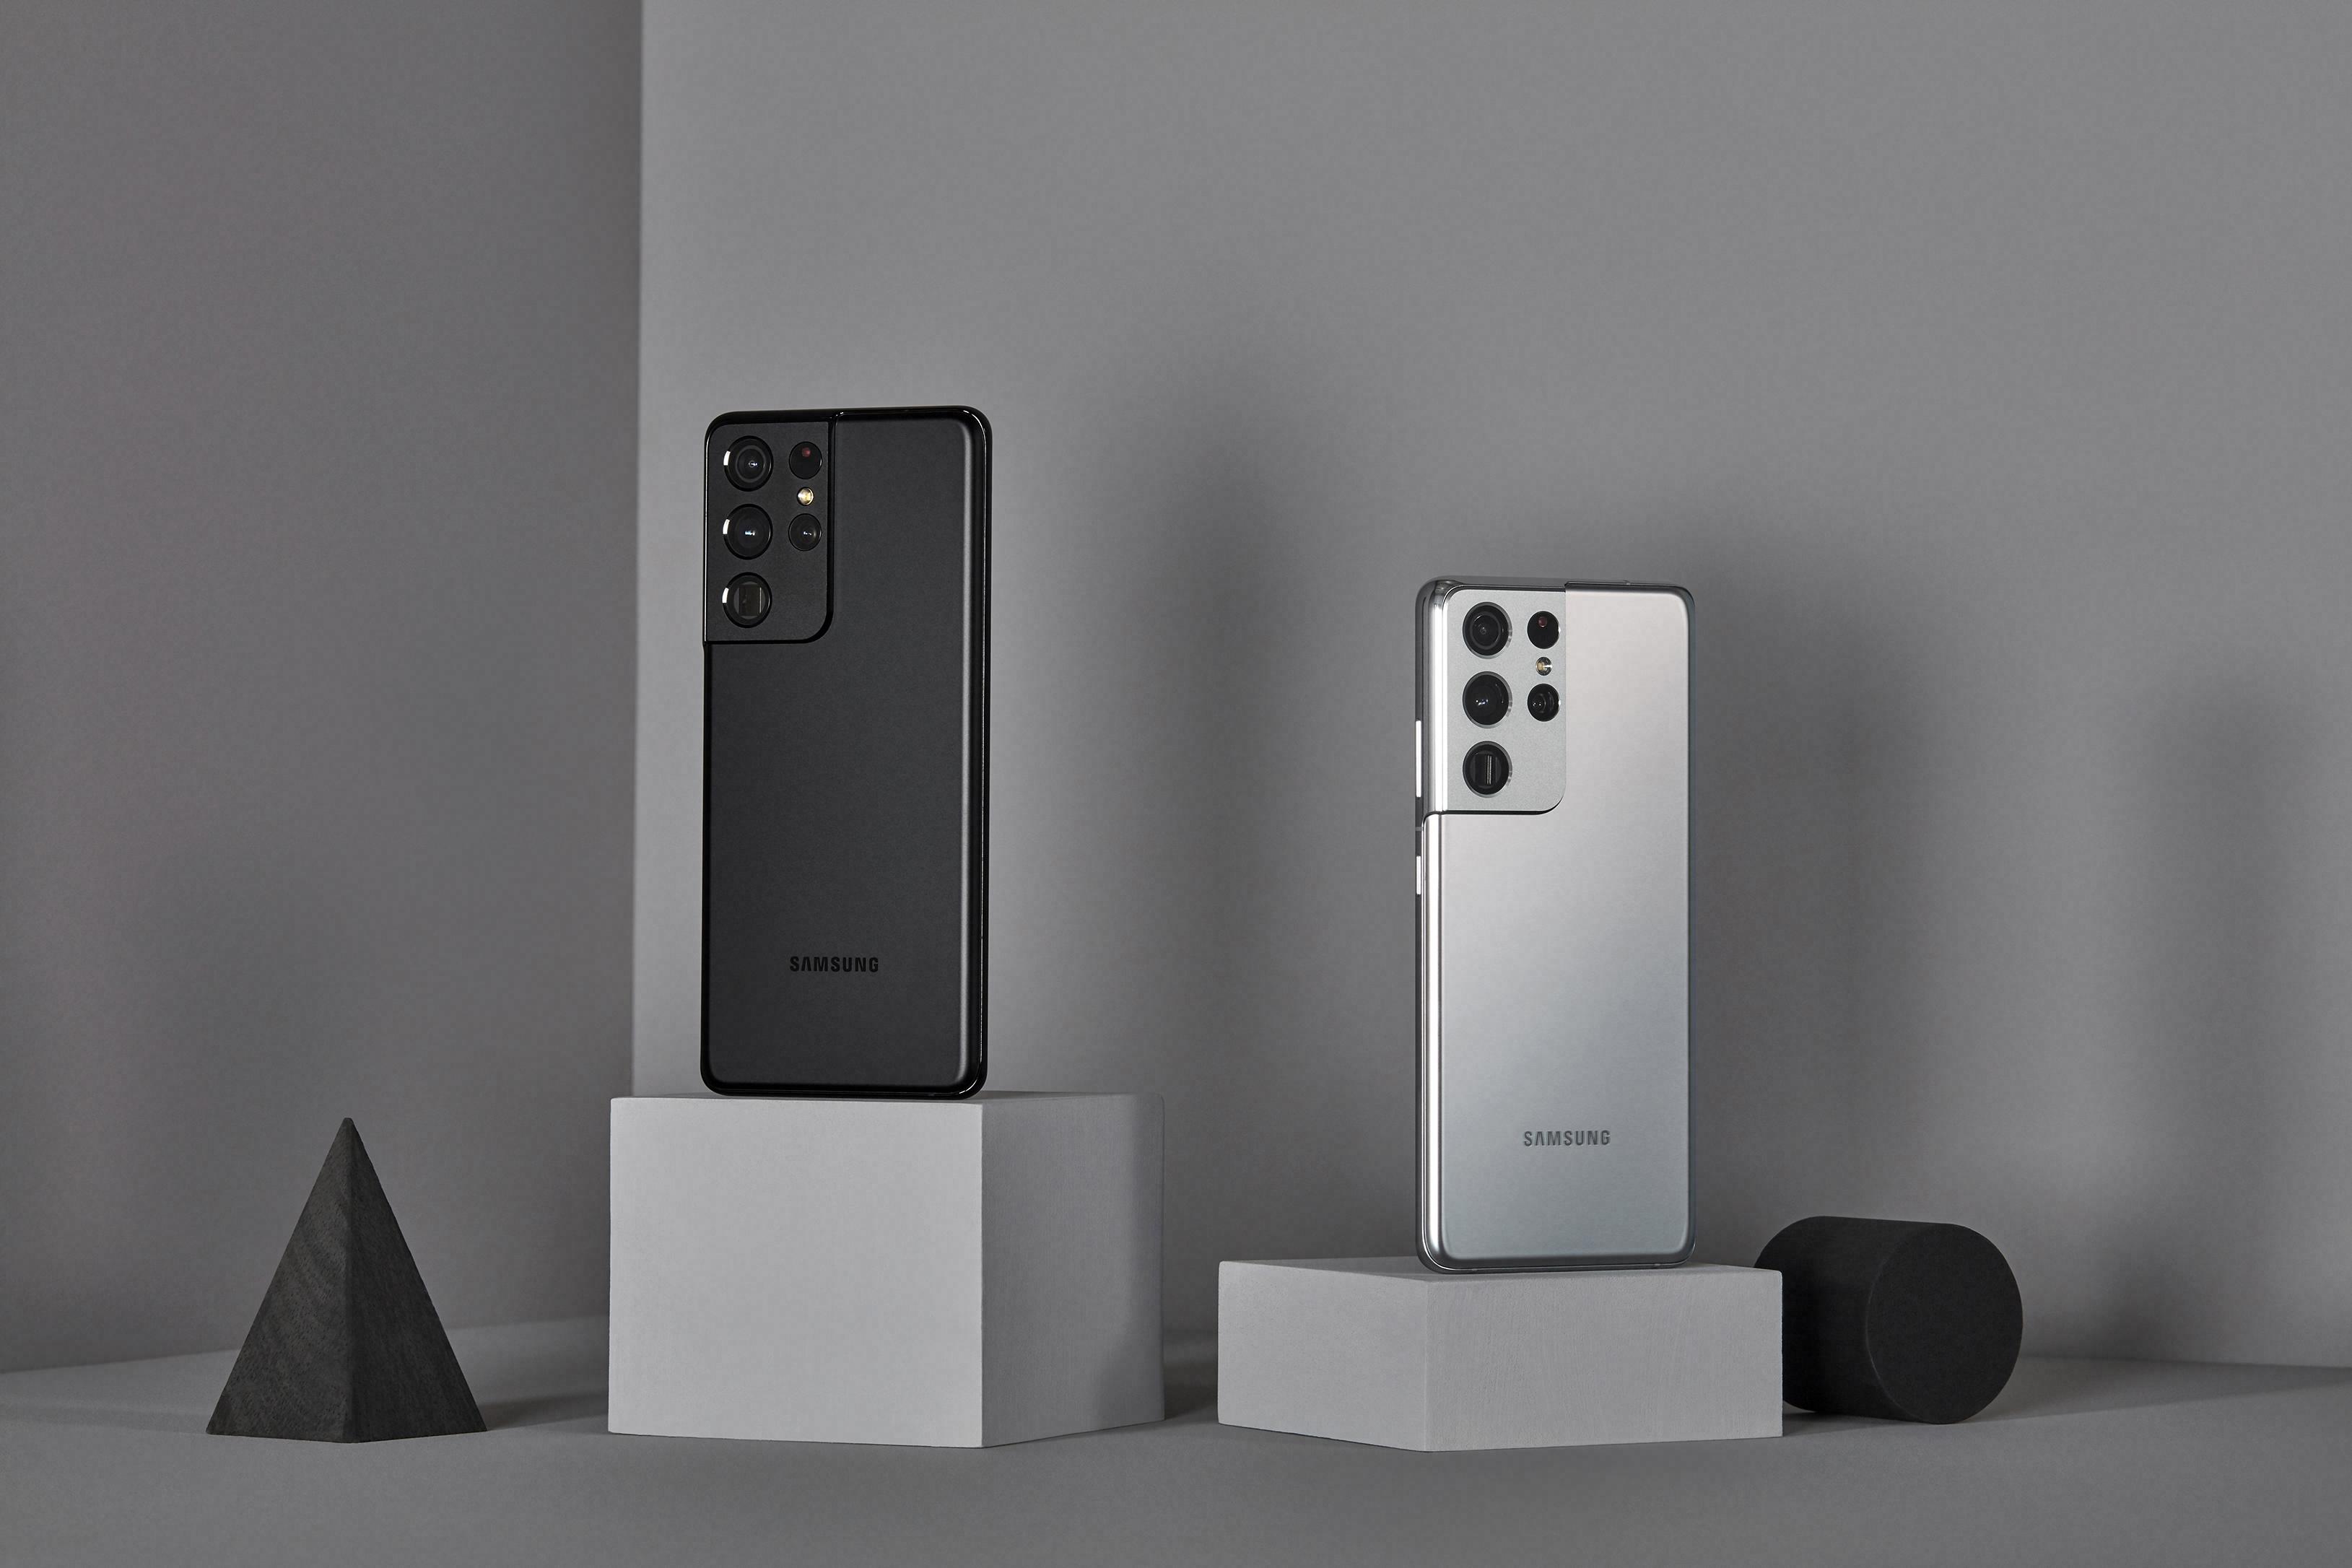 Samsung ra mắt Galaxy S21 Ultra 5G: được thiết kế để dẫn đầu xu hướng và tạo ra những trải nghiệm đẳng cấp, khác biệt